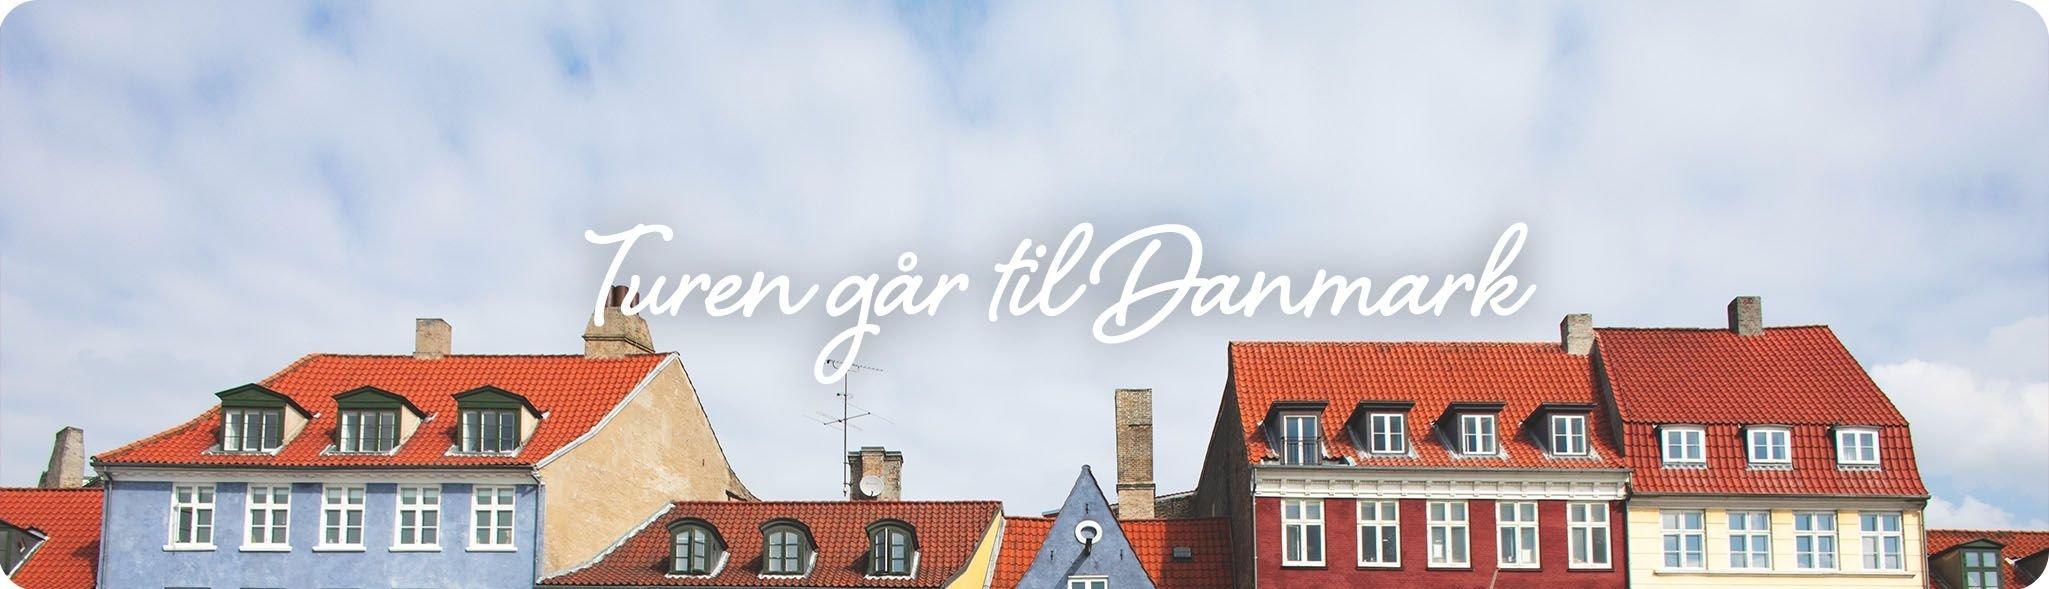 Turen går til Danmark